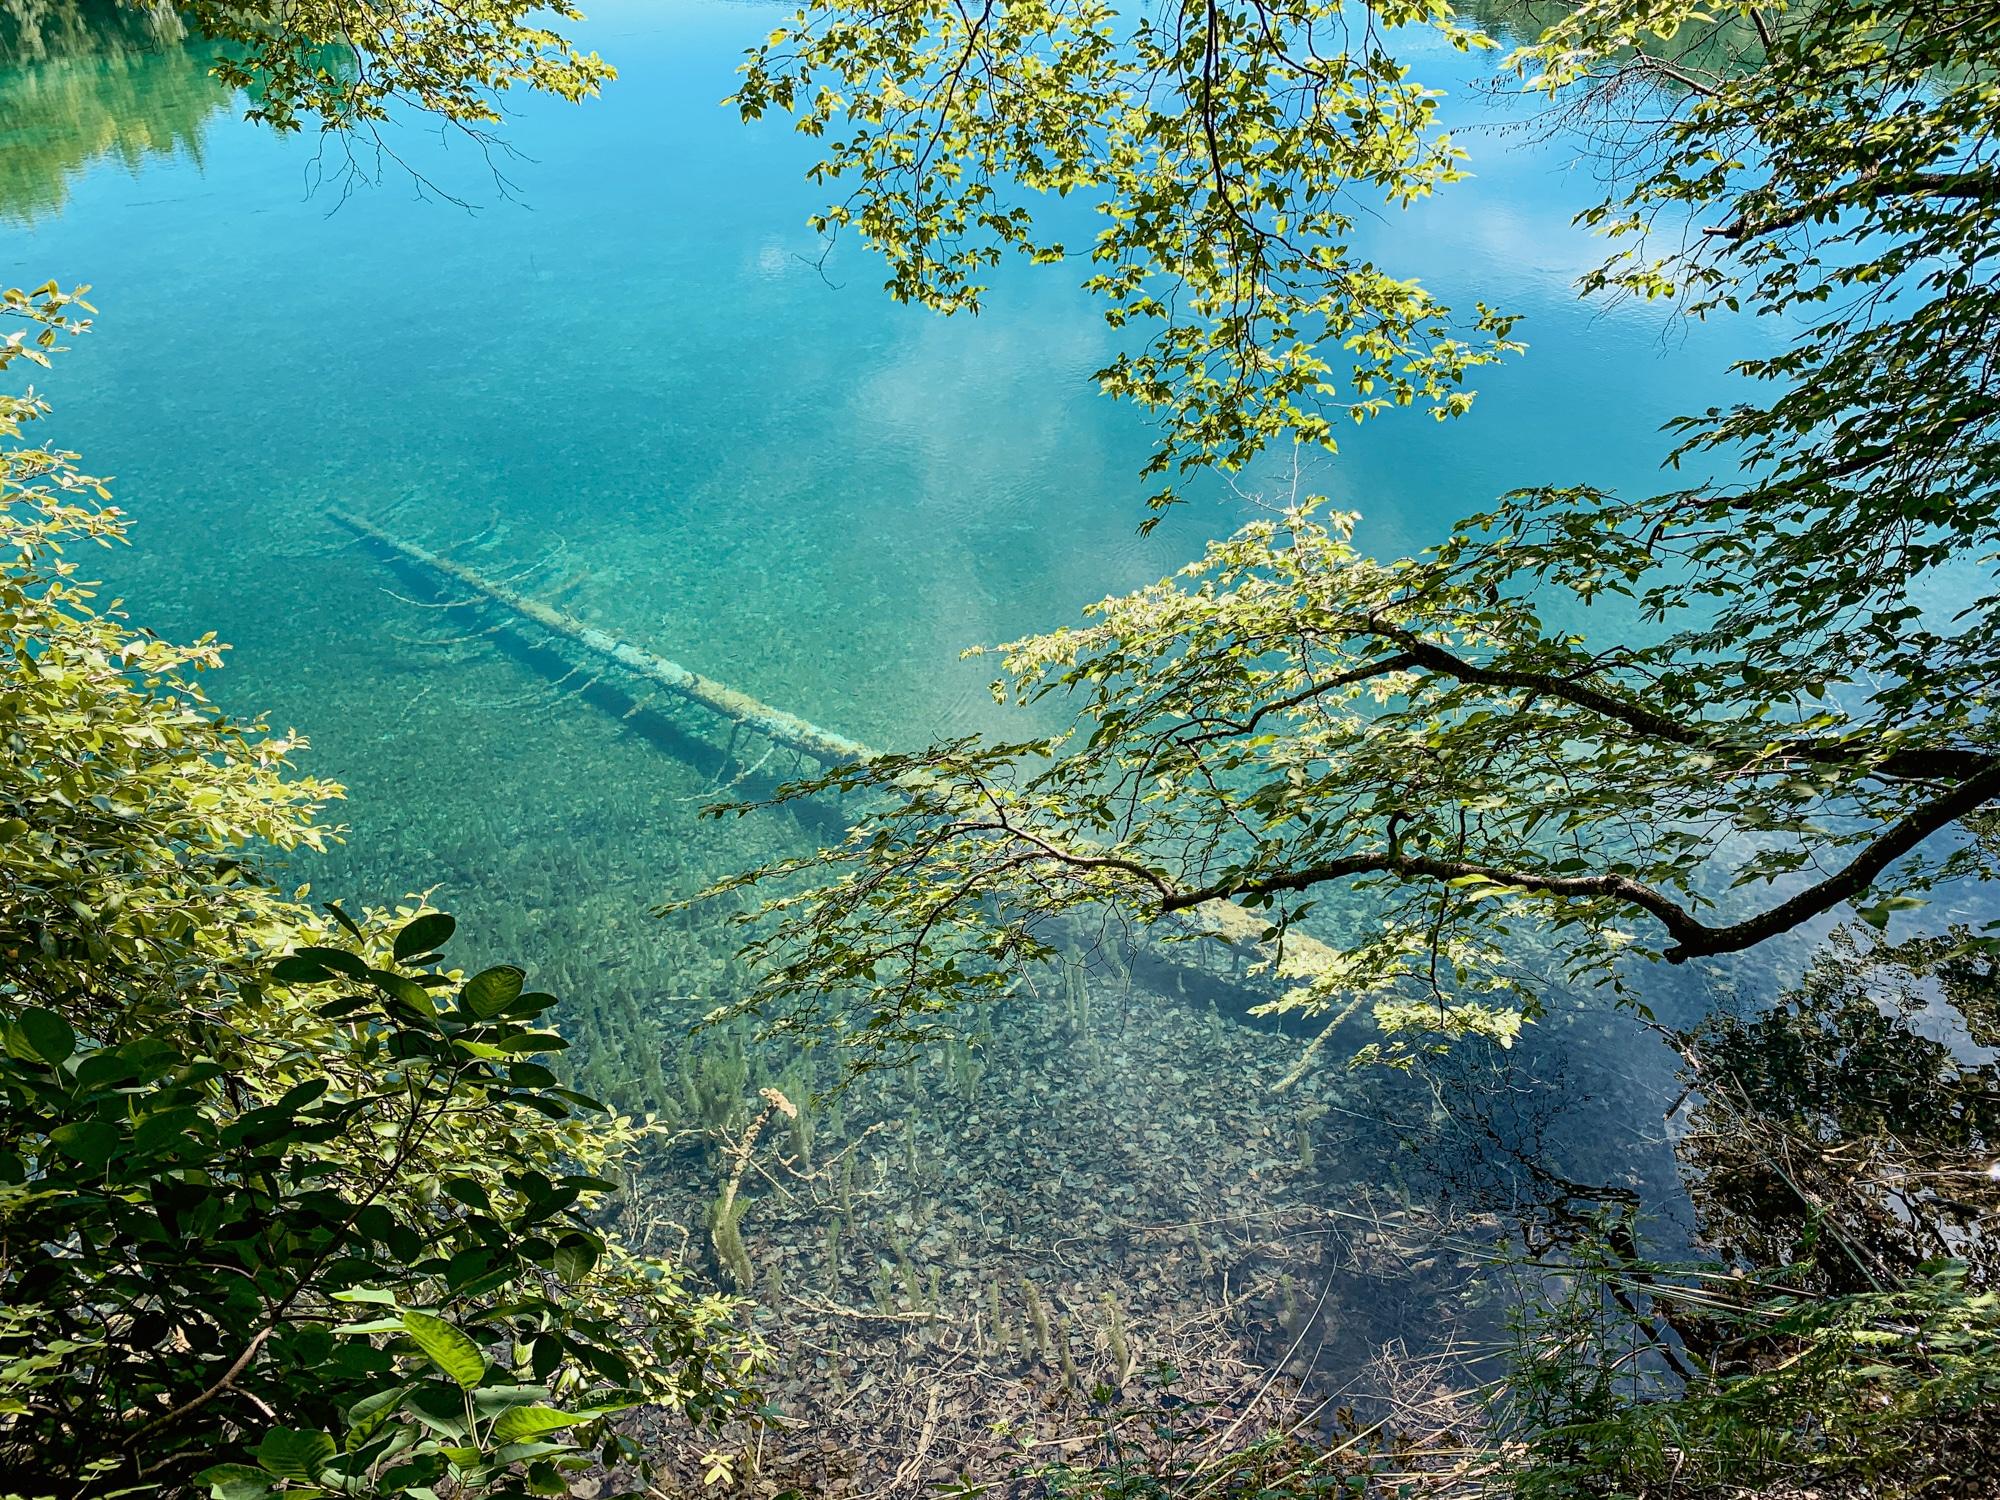 Nationalpark Plitvicer Seen: Tipps für den schönsten Kroatien Nationalpark - klares Wasser